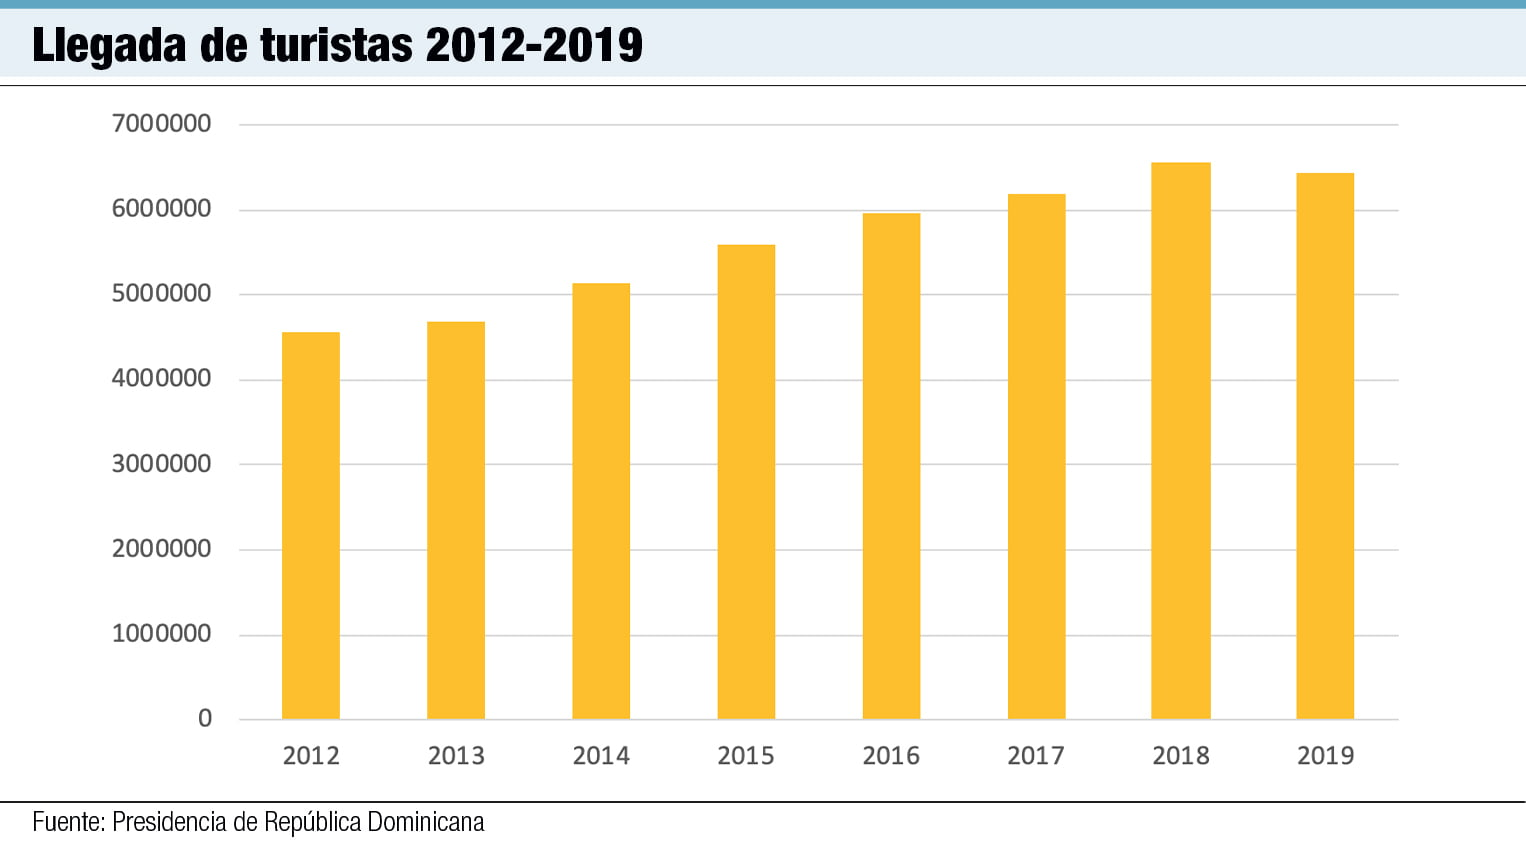 llegada de turistas 2012 2019